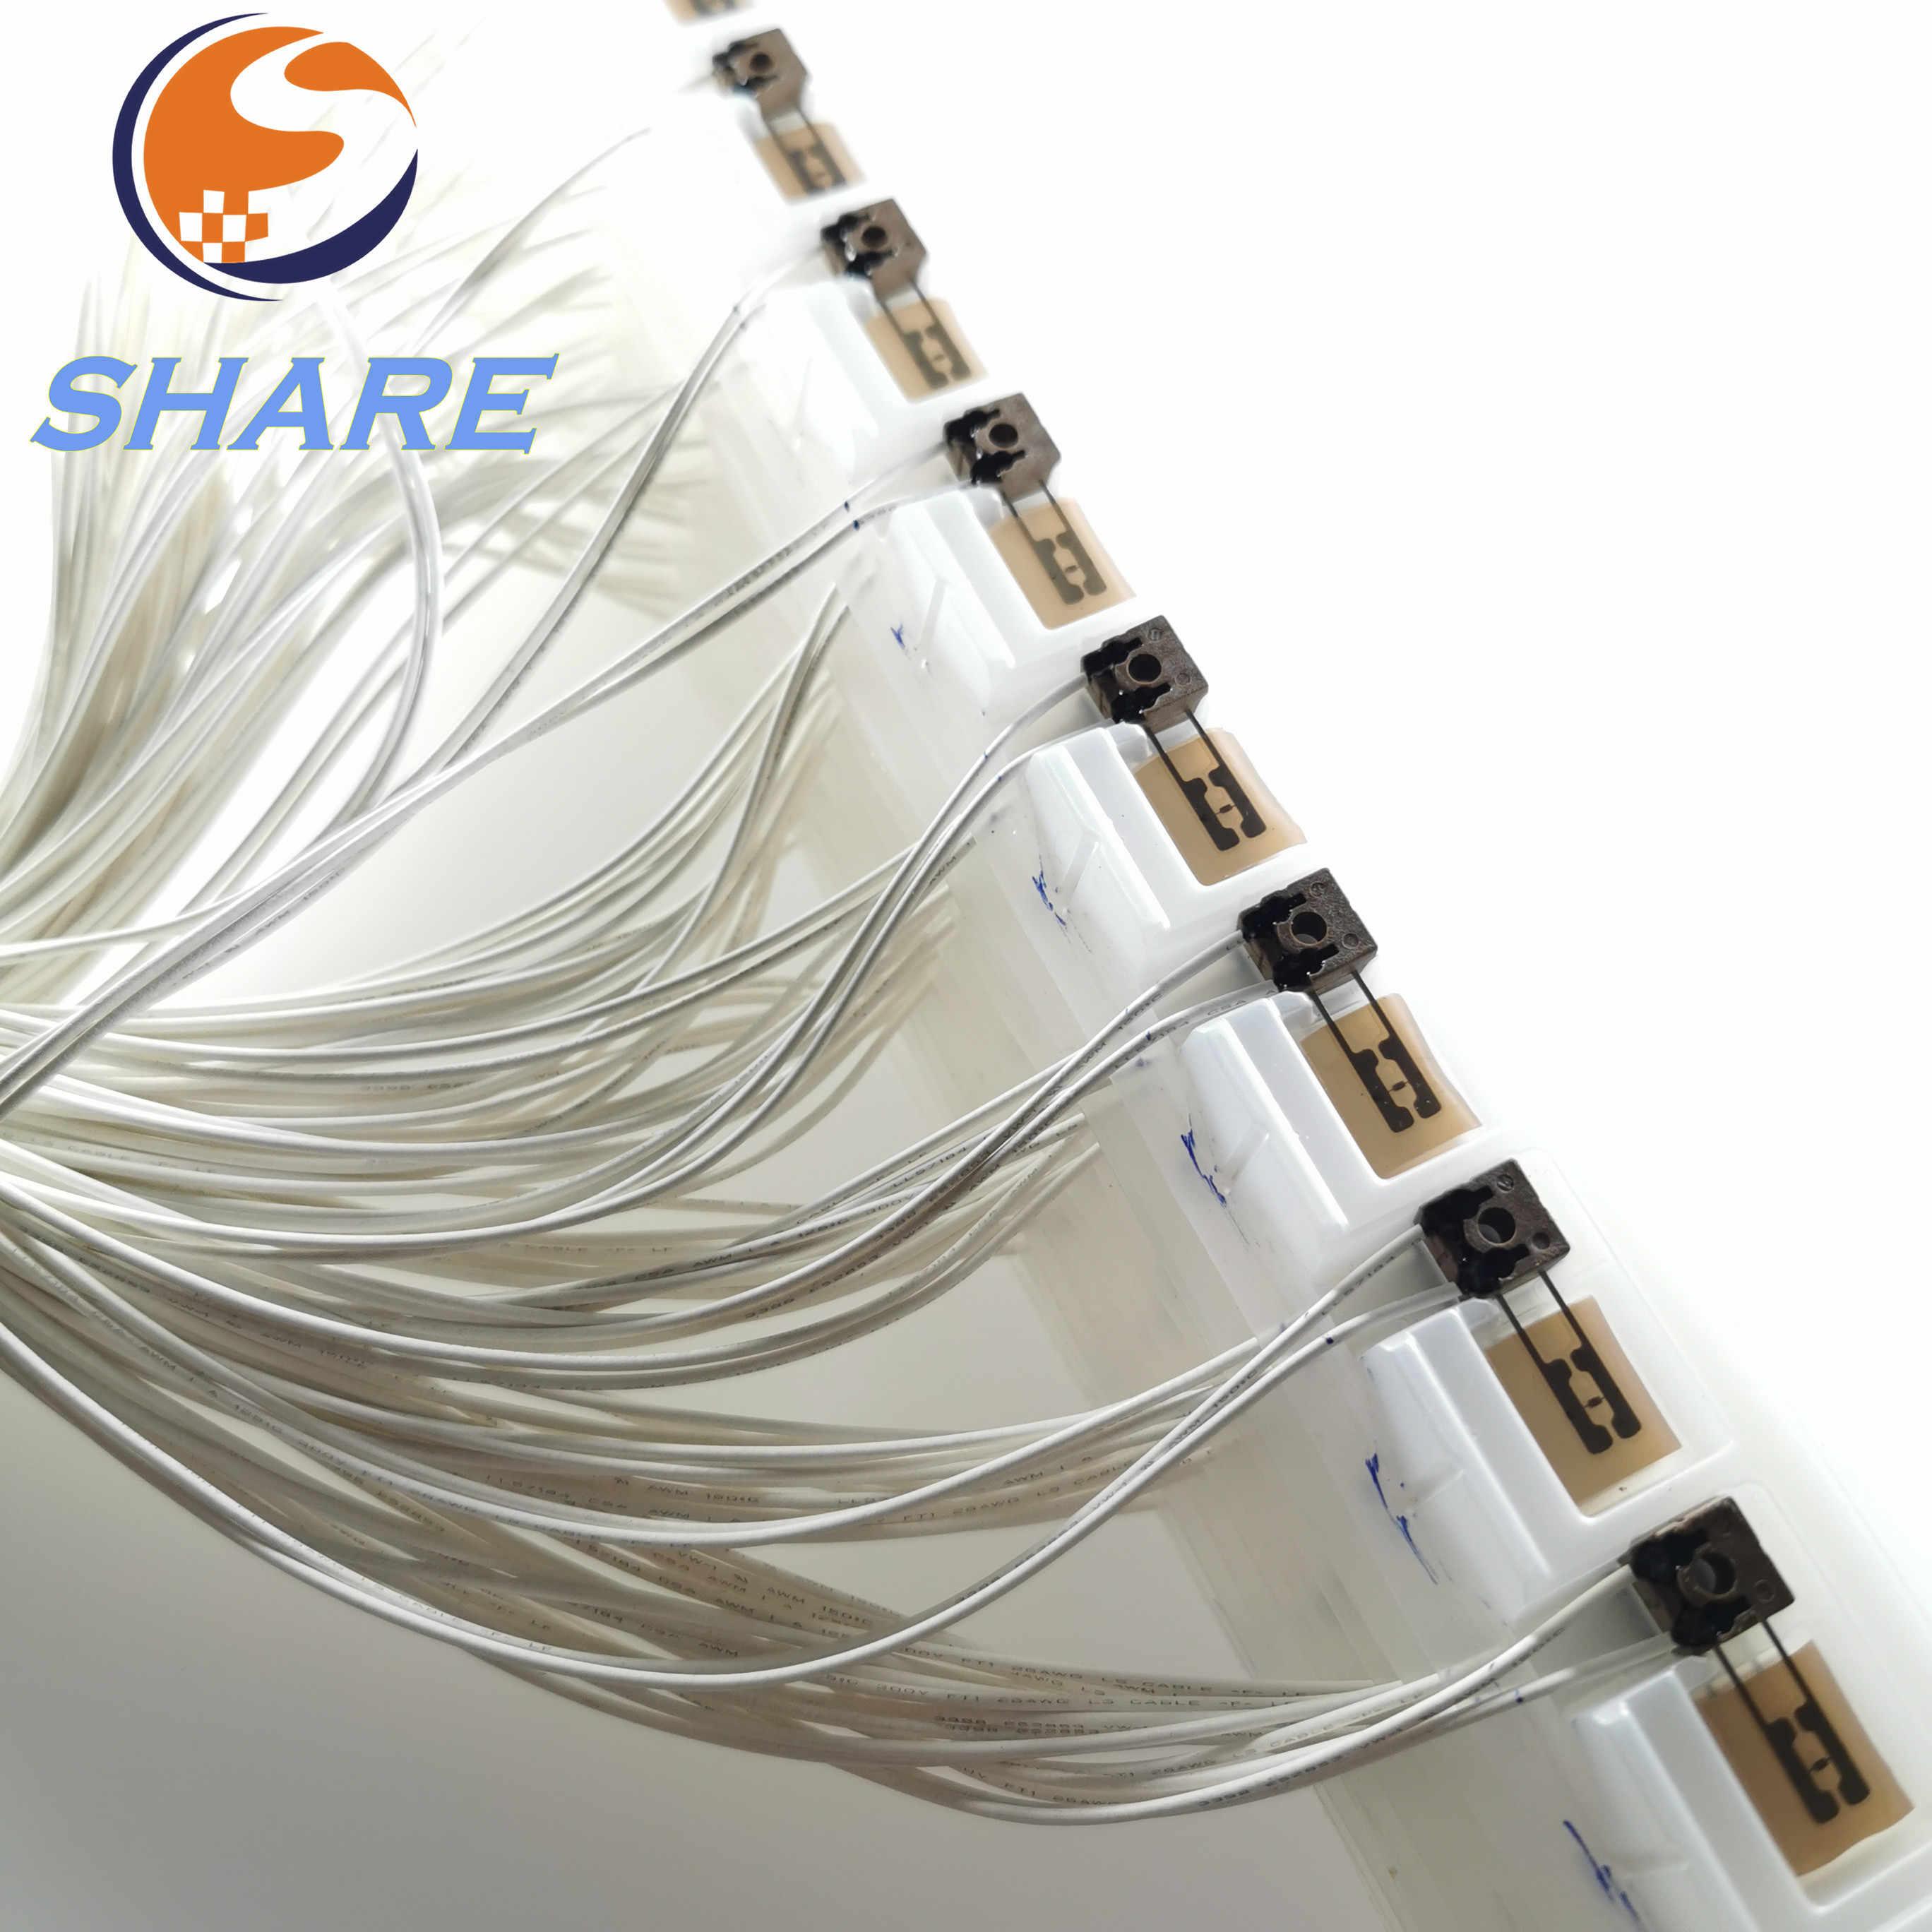 Saham 1404-001541 Termistor untuk Samsung 3200 SCX3205 SCX3400 SCX3405 ML1660 ML1665 ML1670 ML1675 1860 1865 ML2160 ML2165